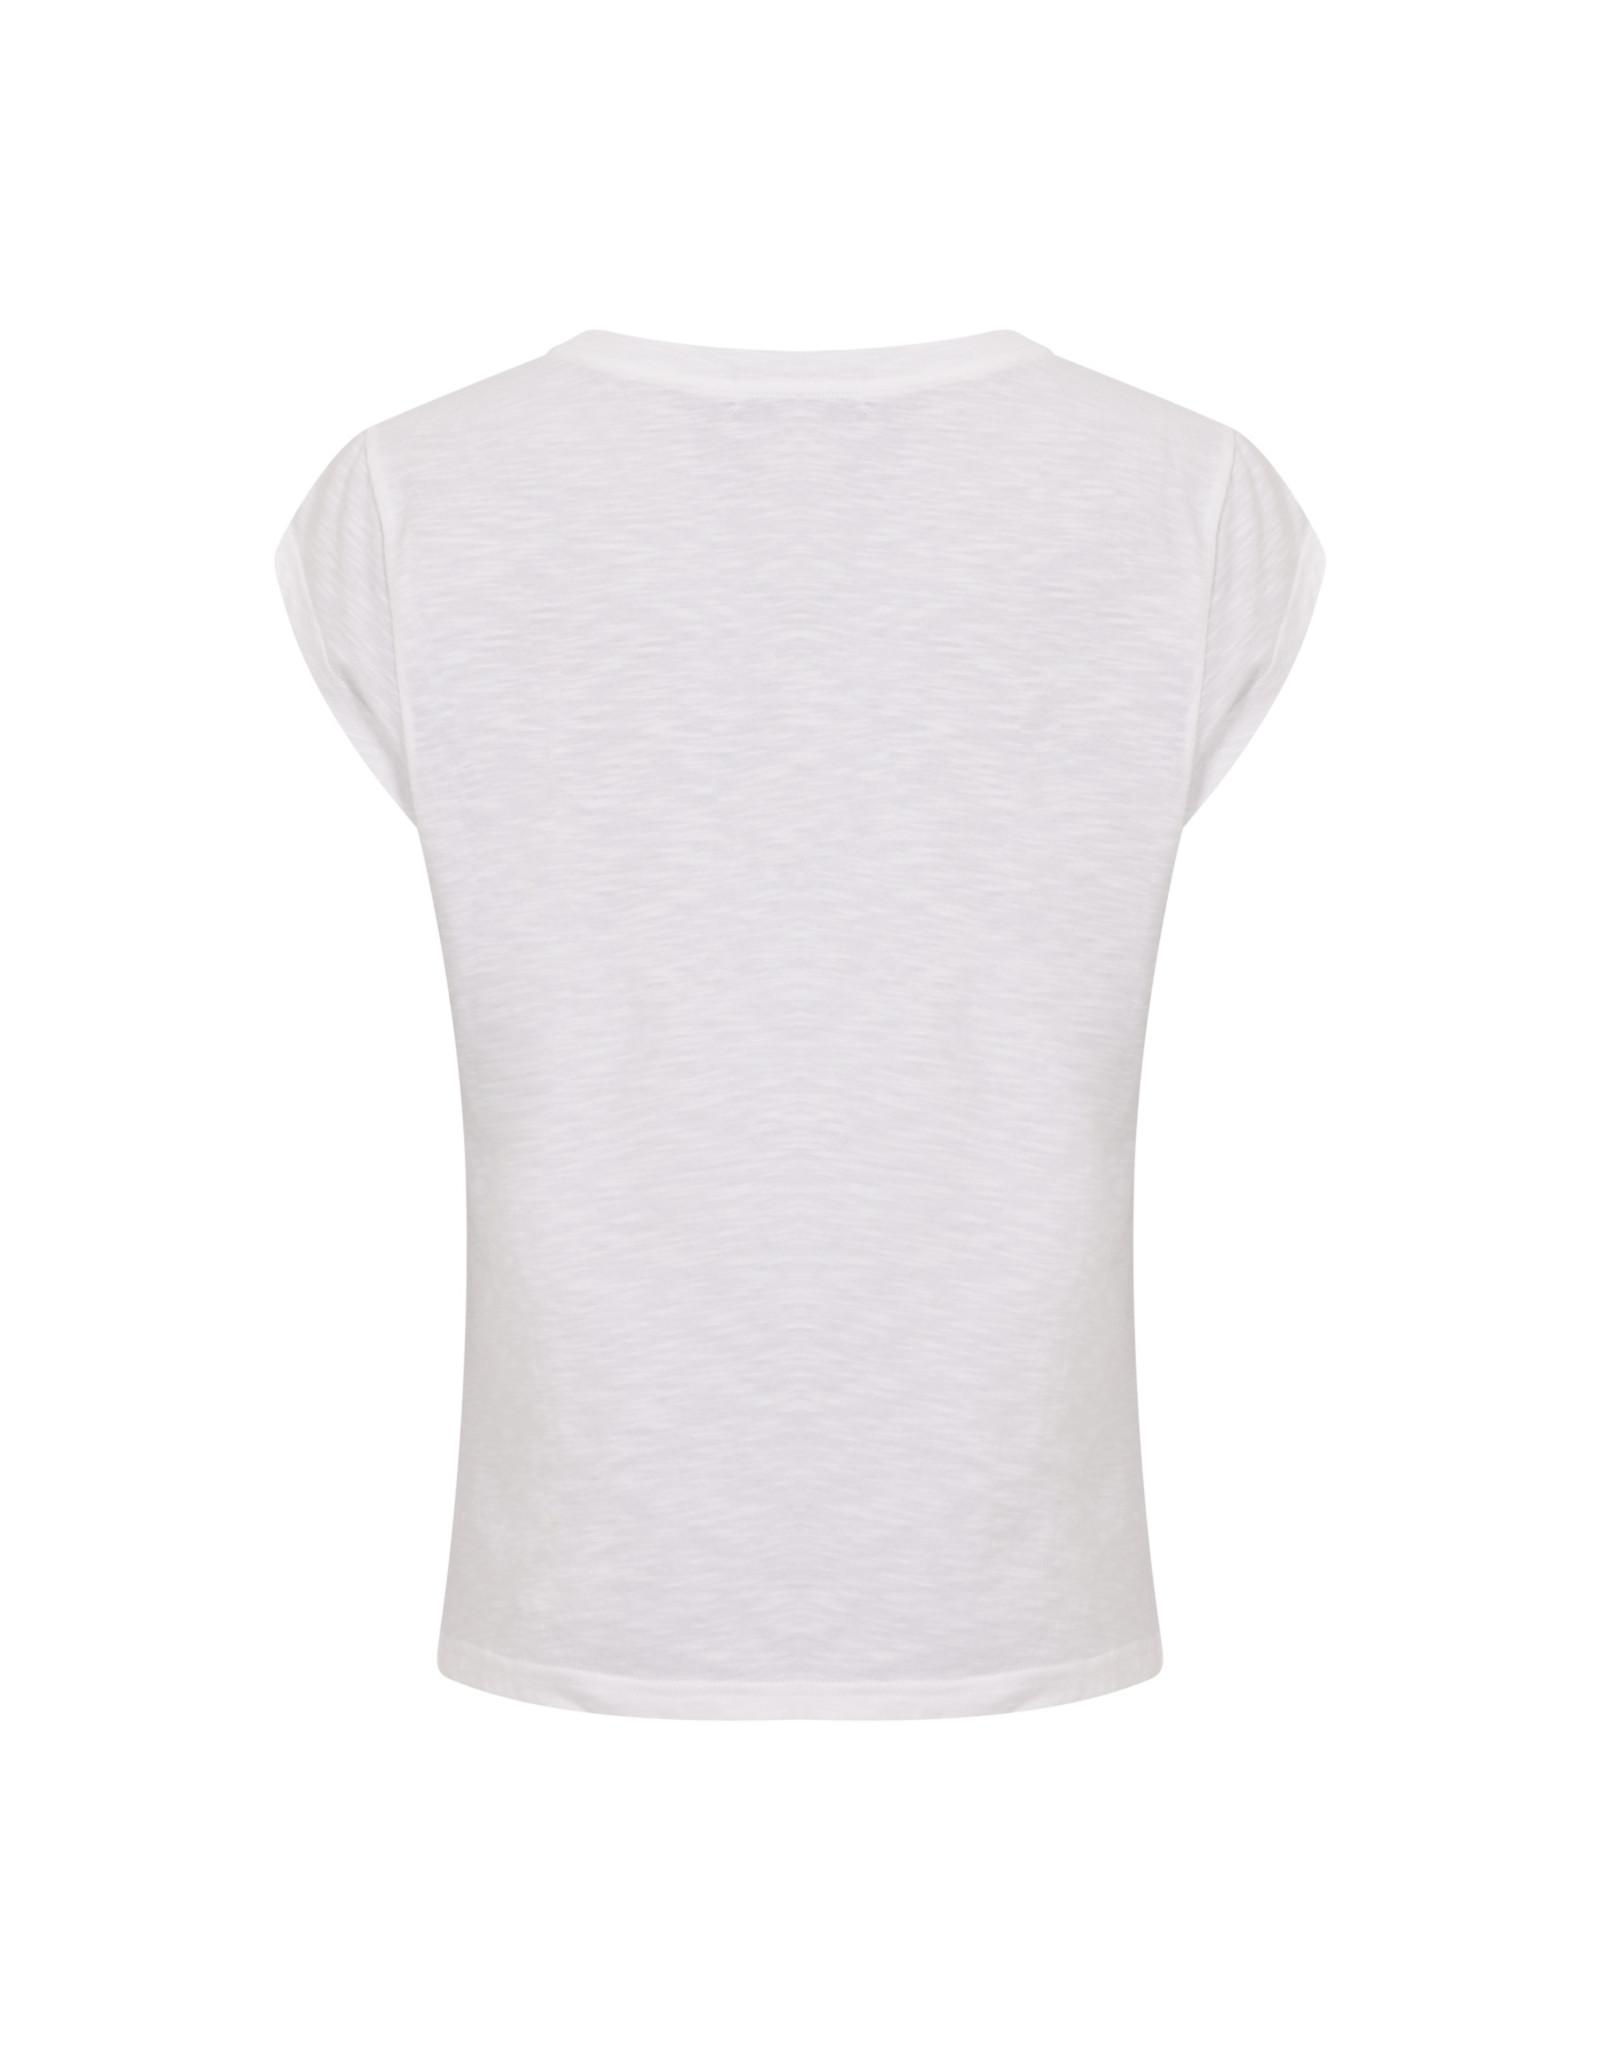 Coster Copenhagen T-shirt Flower White